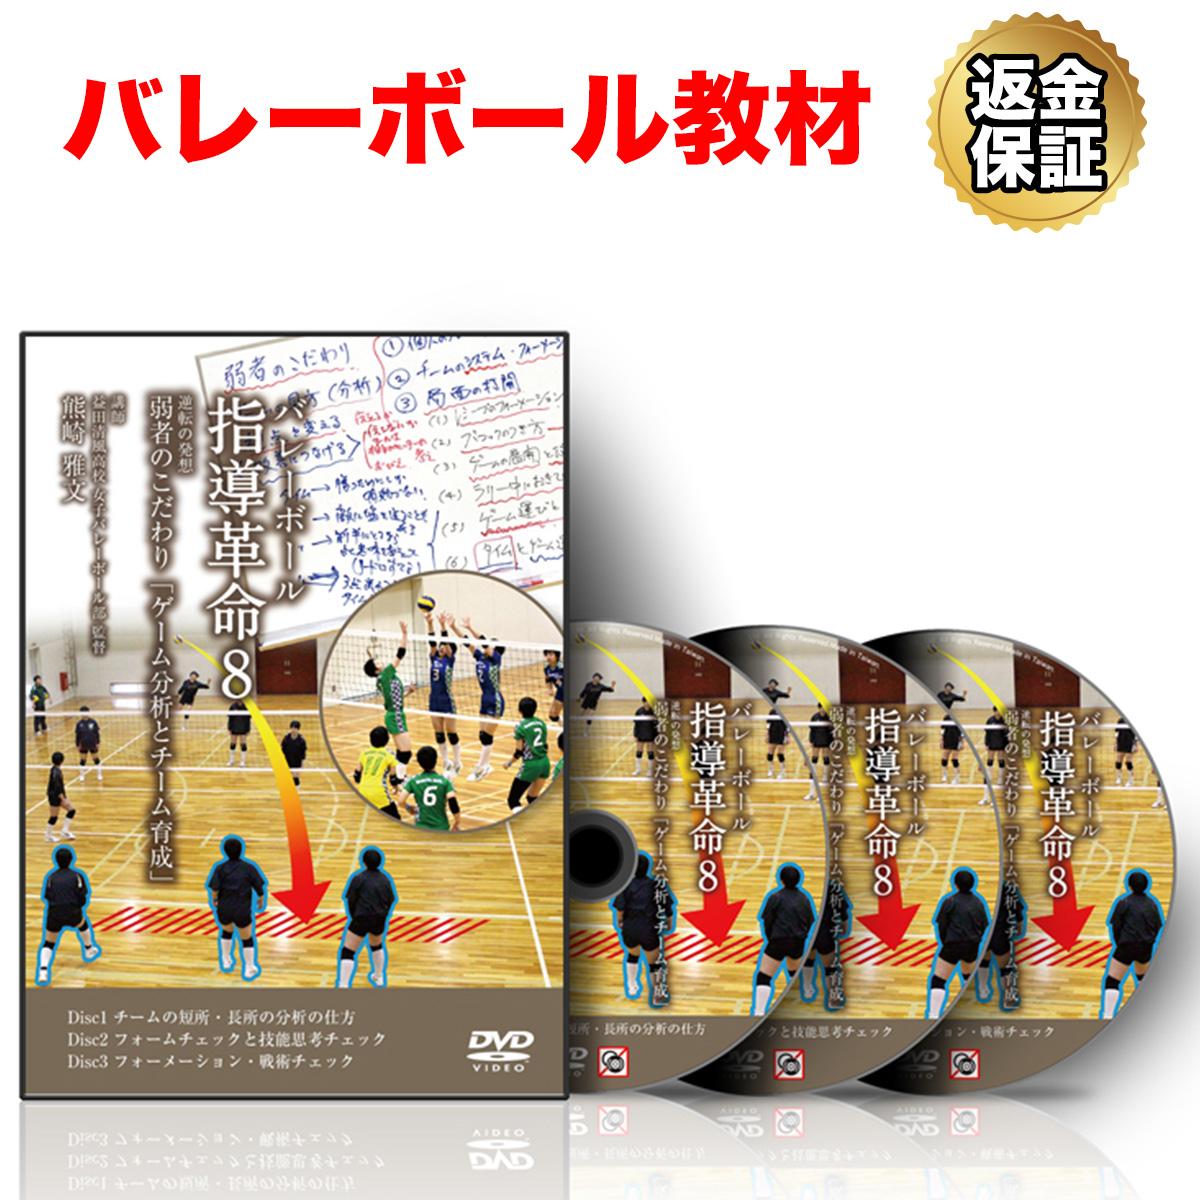 【バレーボール】バレーボール指導革命8~逆転の発想「弱者のこだわり」ゲーム分析とチーム育成~